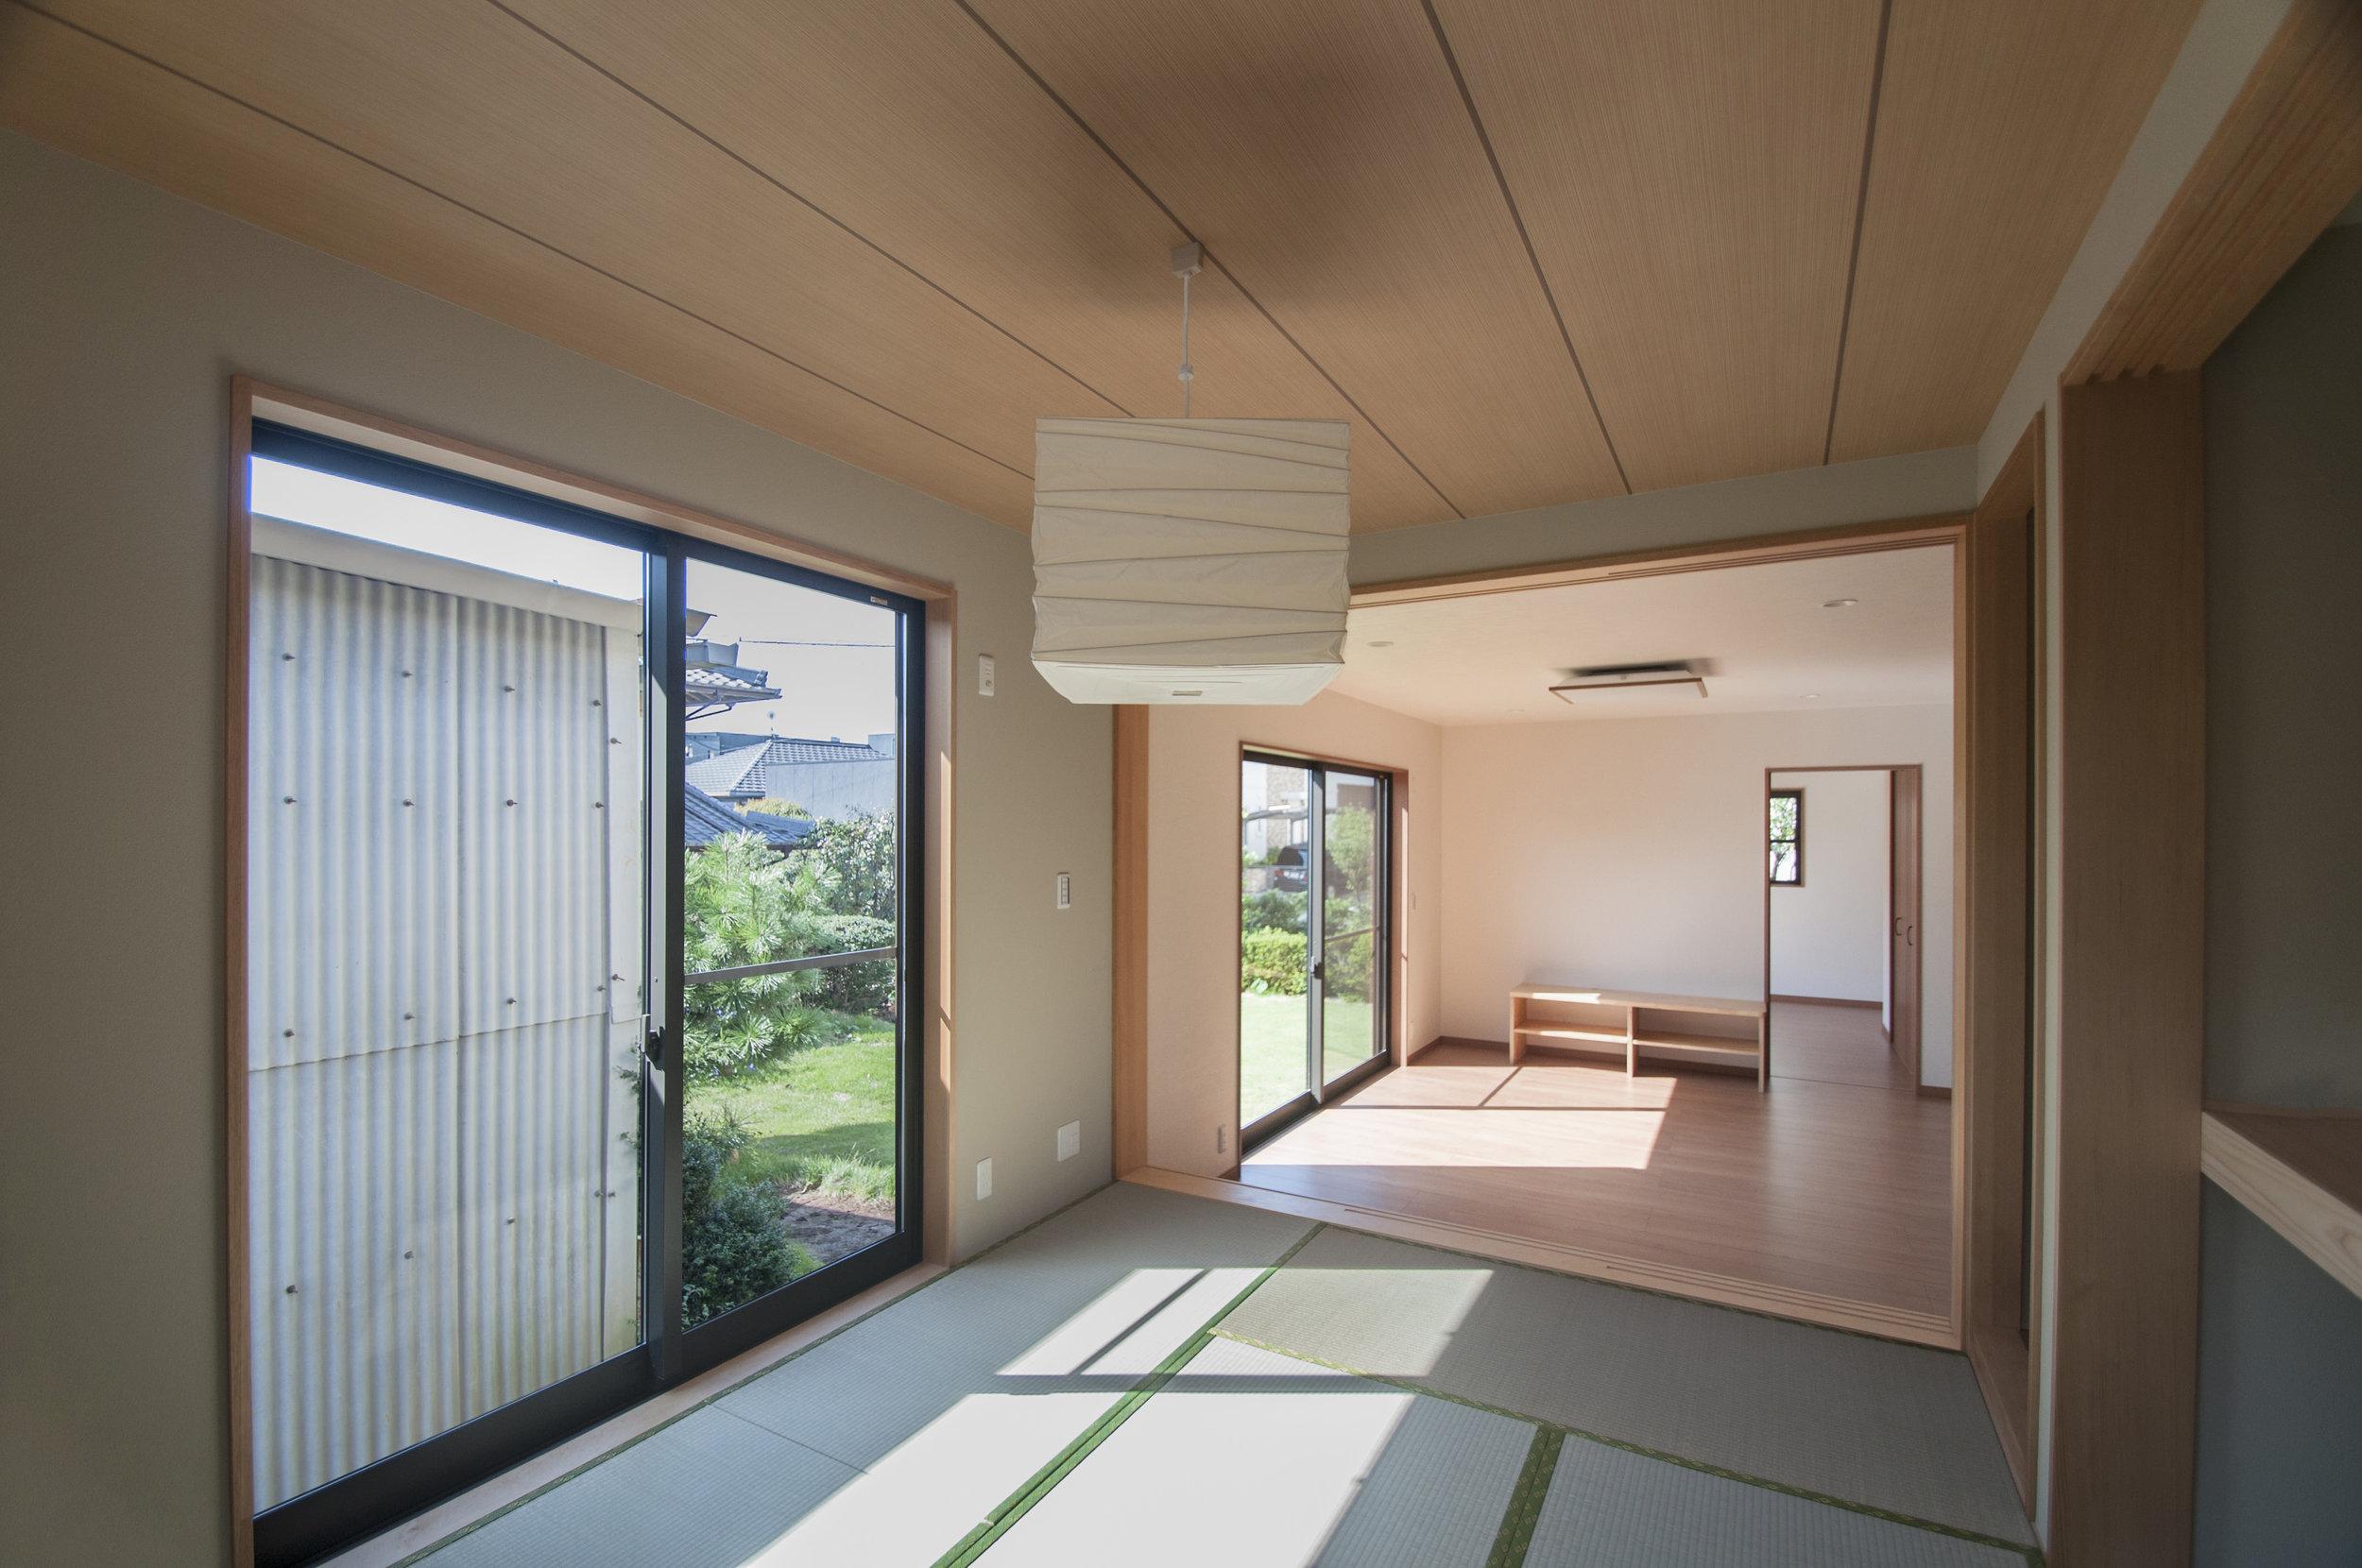 成正建装 愛知県 犬山市 新築 リフォーム 古民家再生 家づくり12.jpg